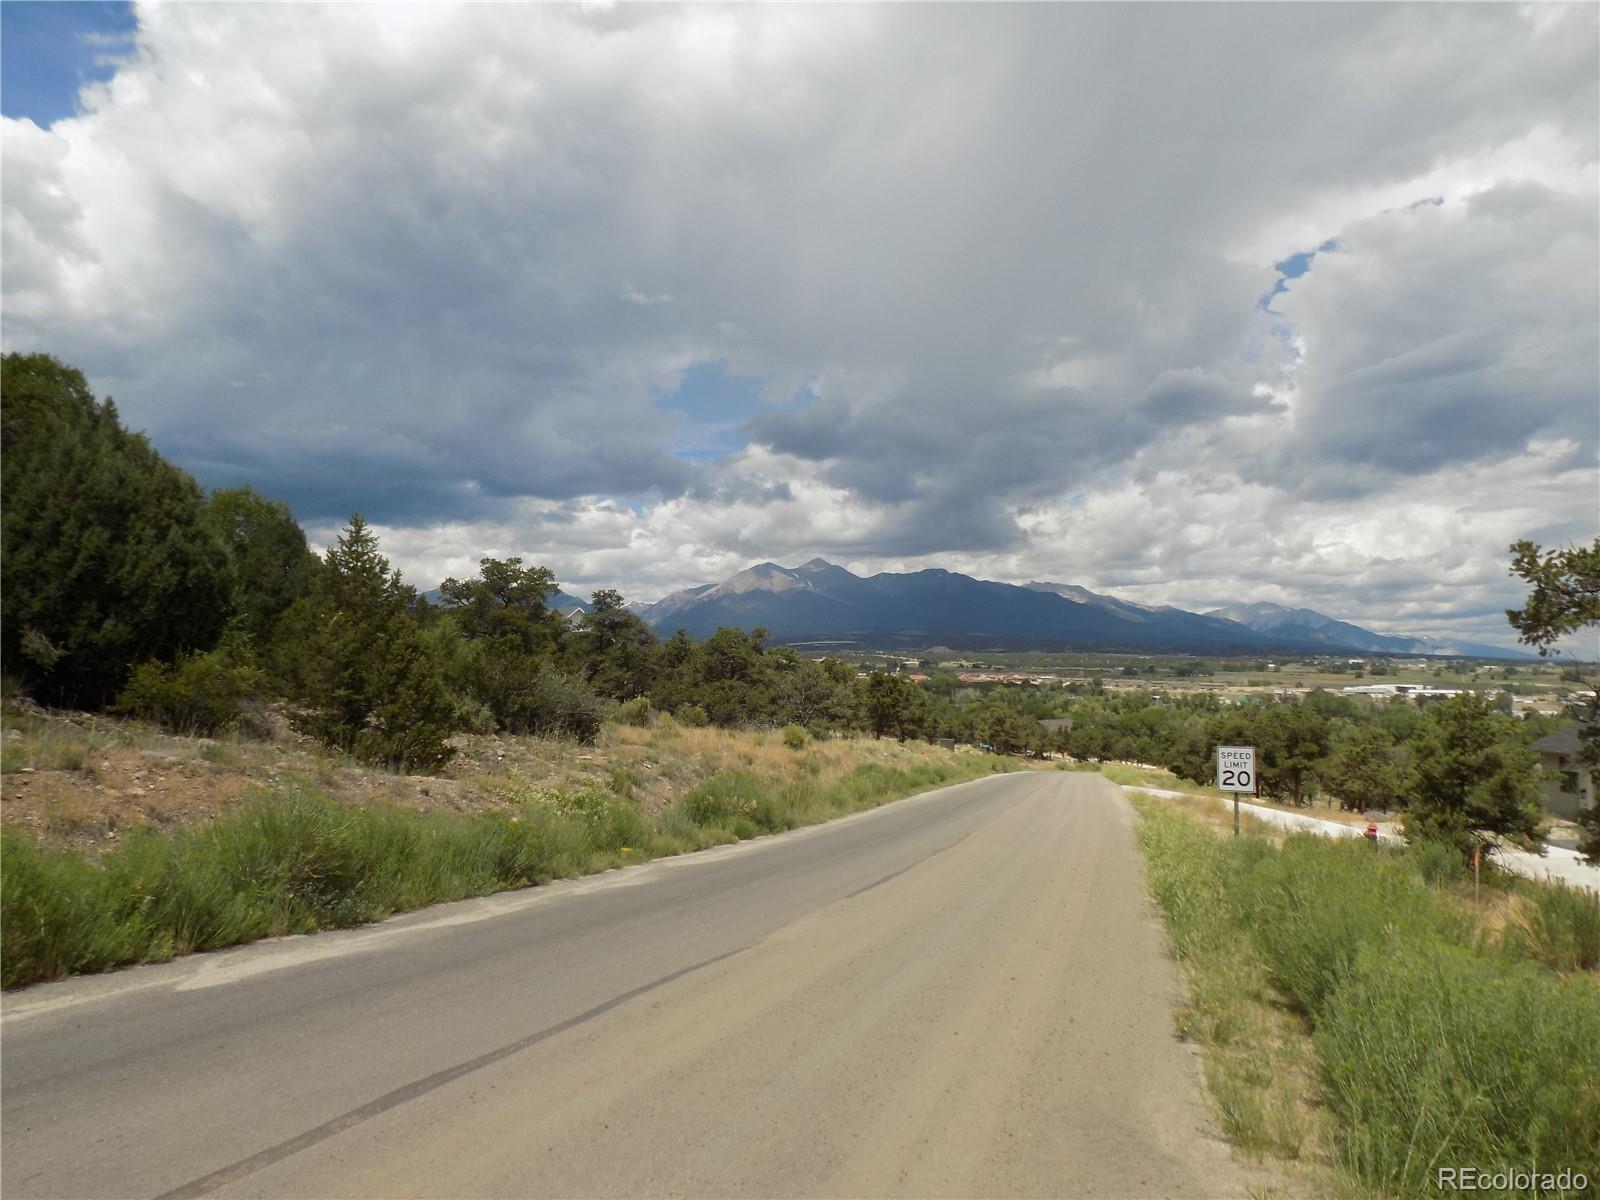 MLS# 3308907 - 1 - 1111 Poncha Springs Lane, Poncha Springs, CO 81242